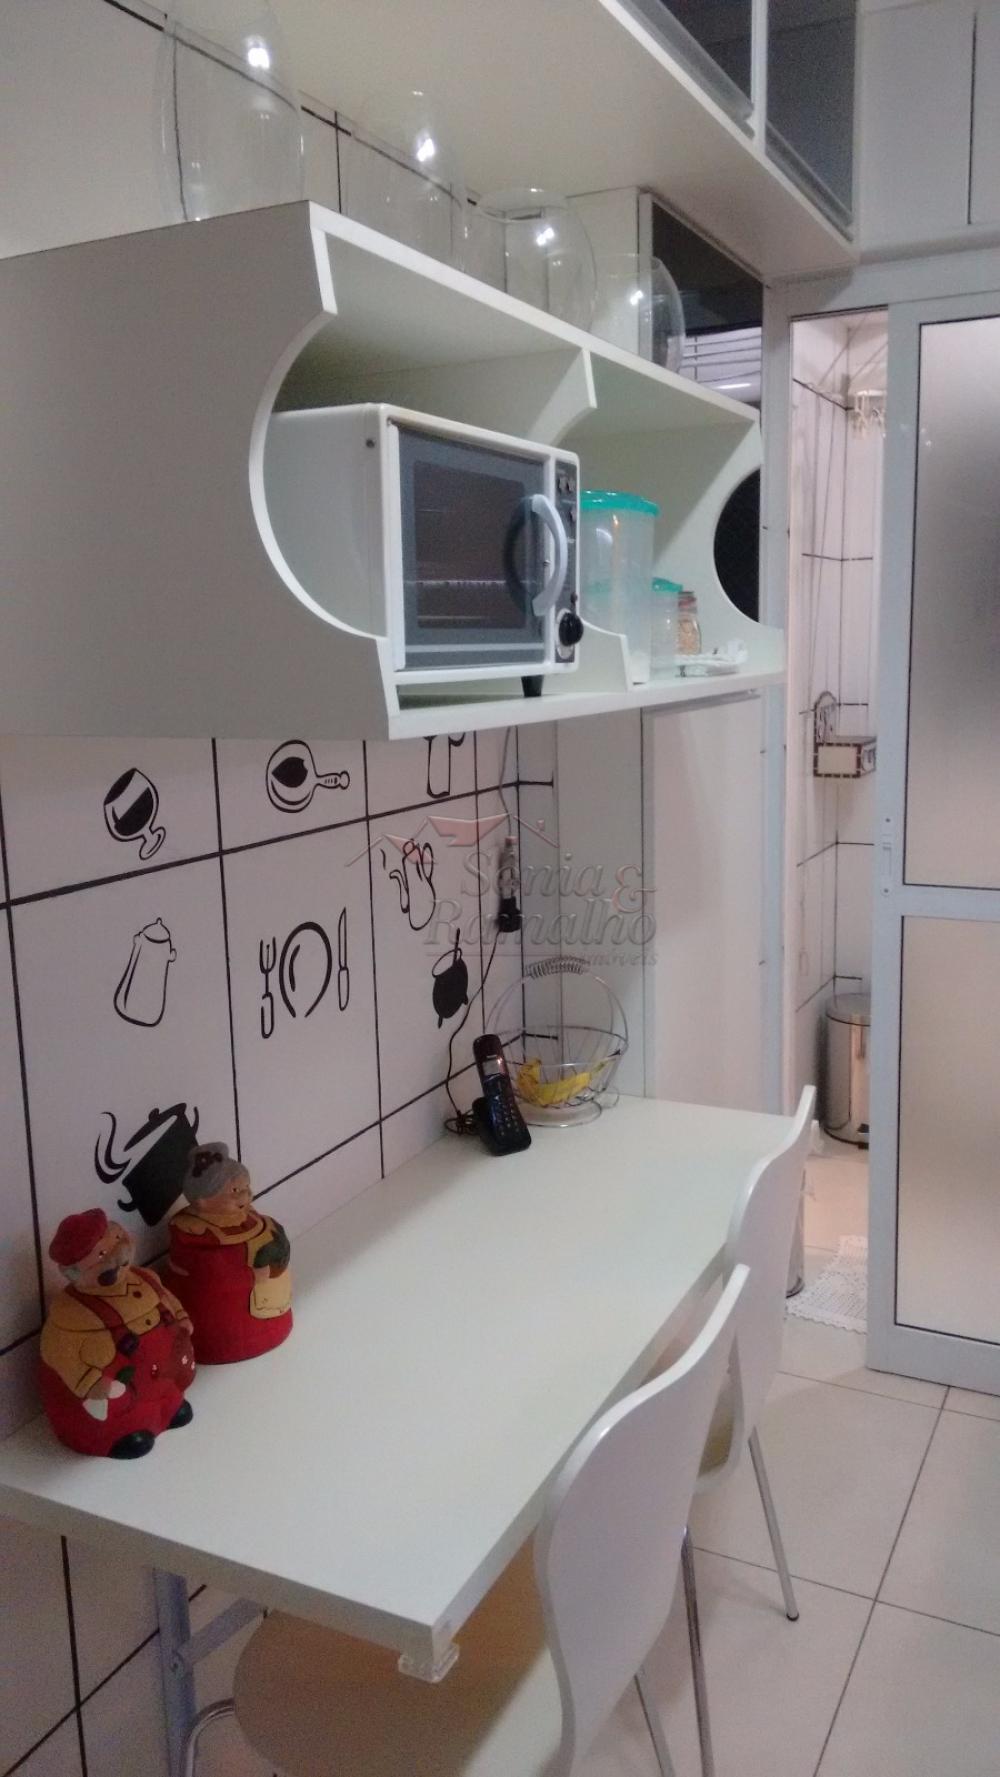 Comprar Apartamentos / Padrão em Ribeirão Preto apenas R$ 600.000,00 - Foto 5